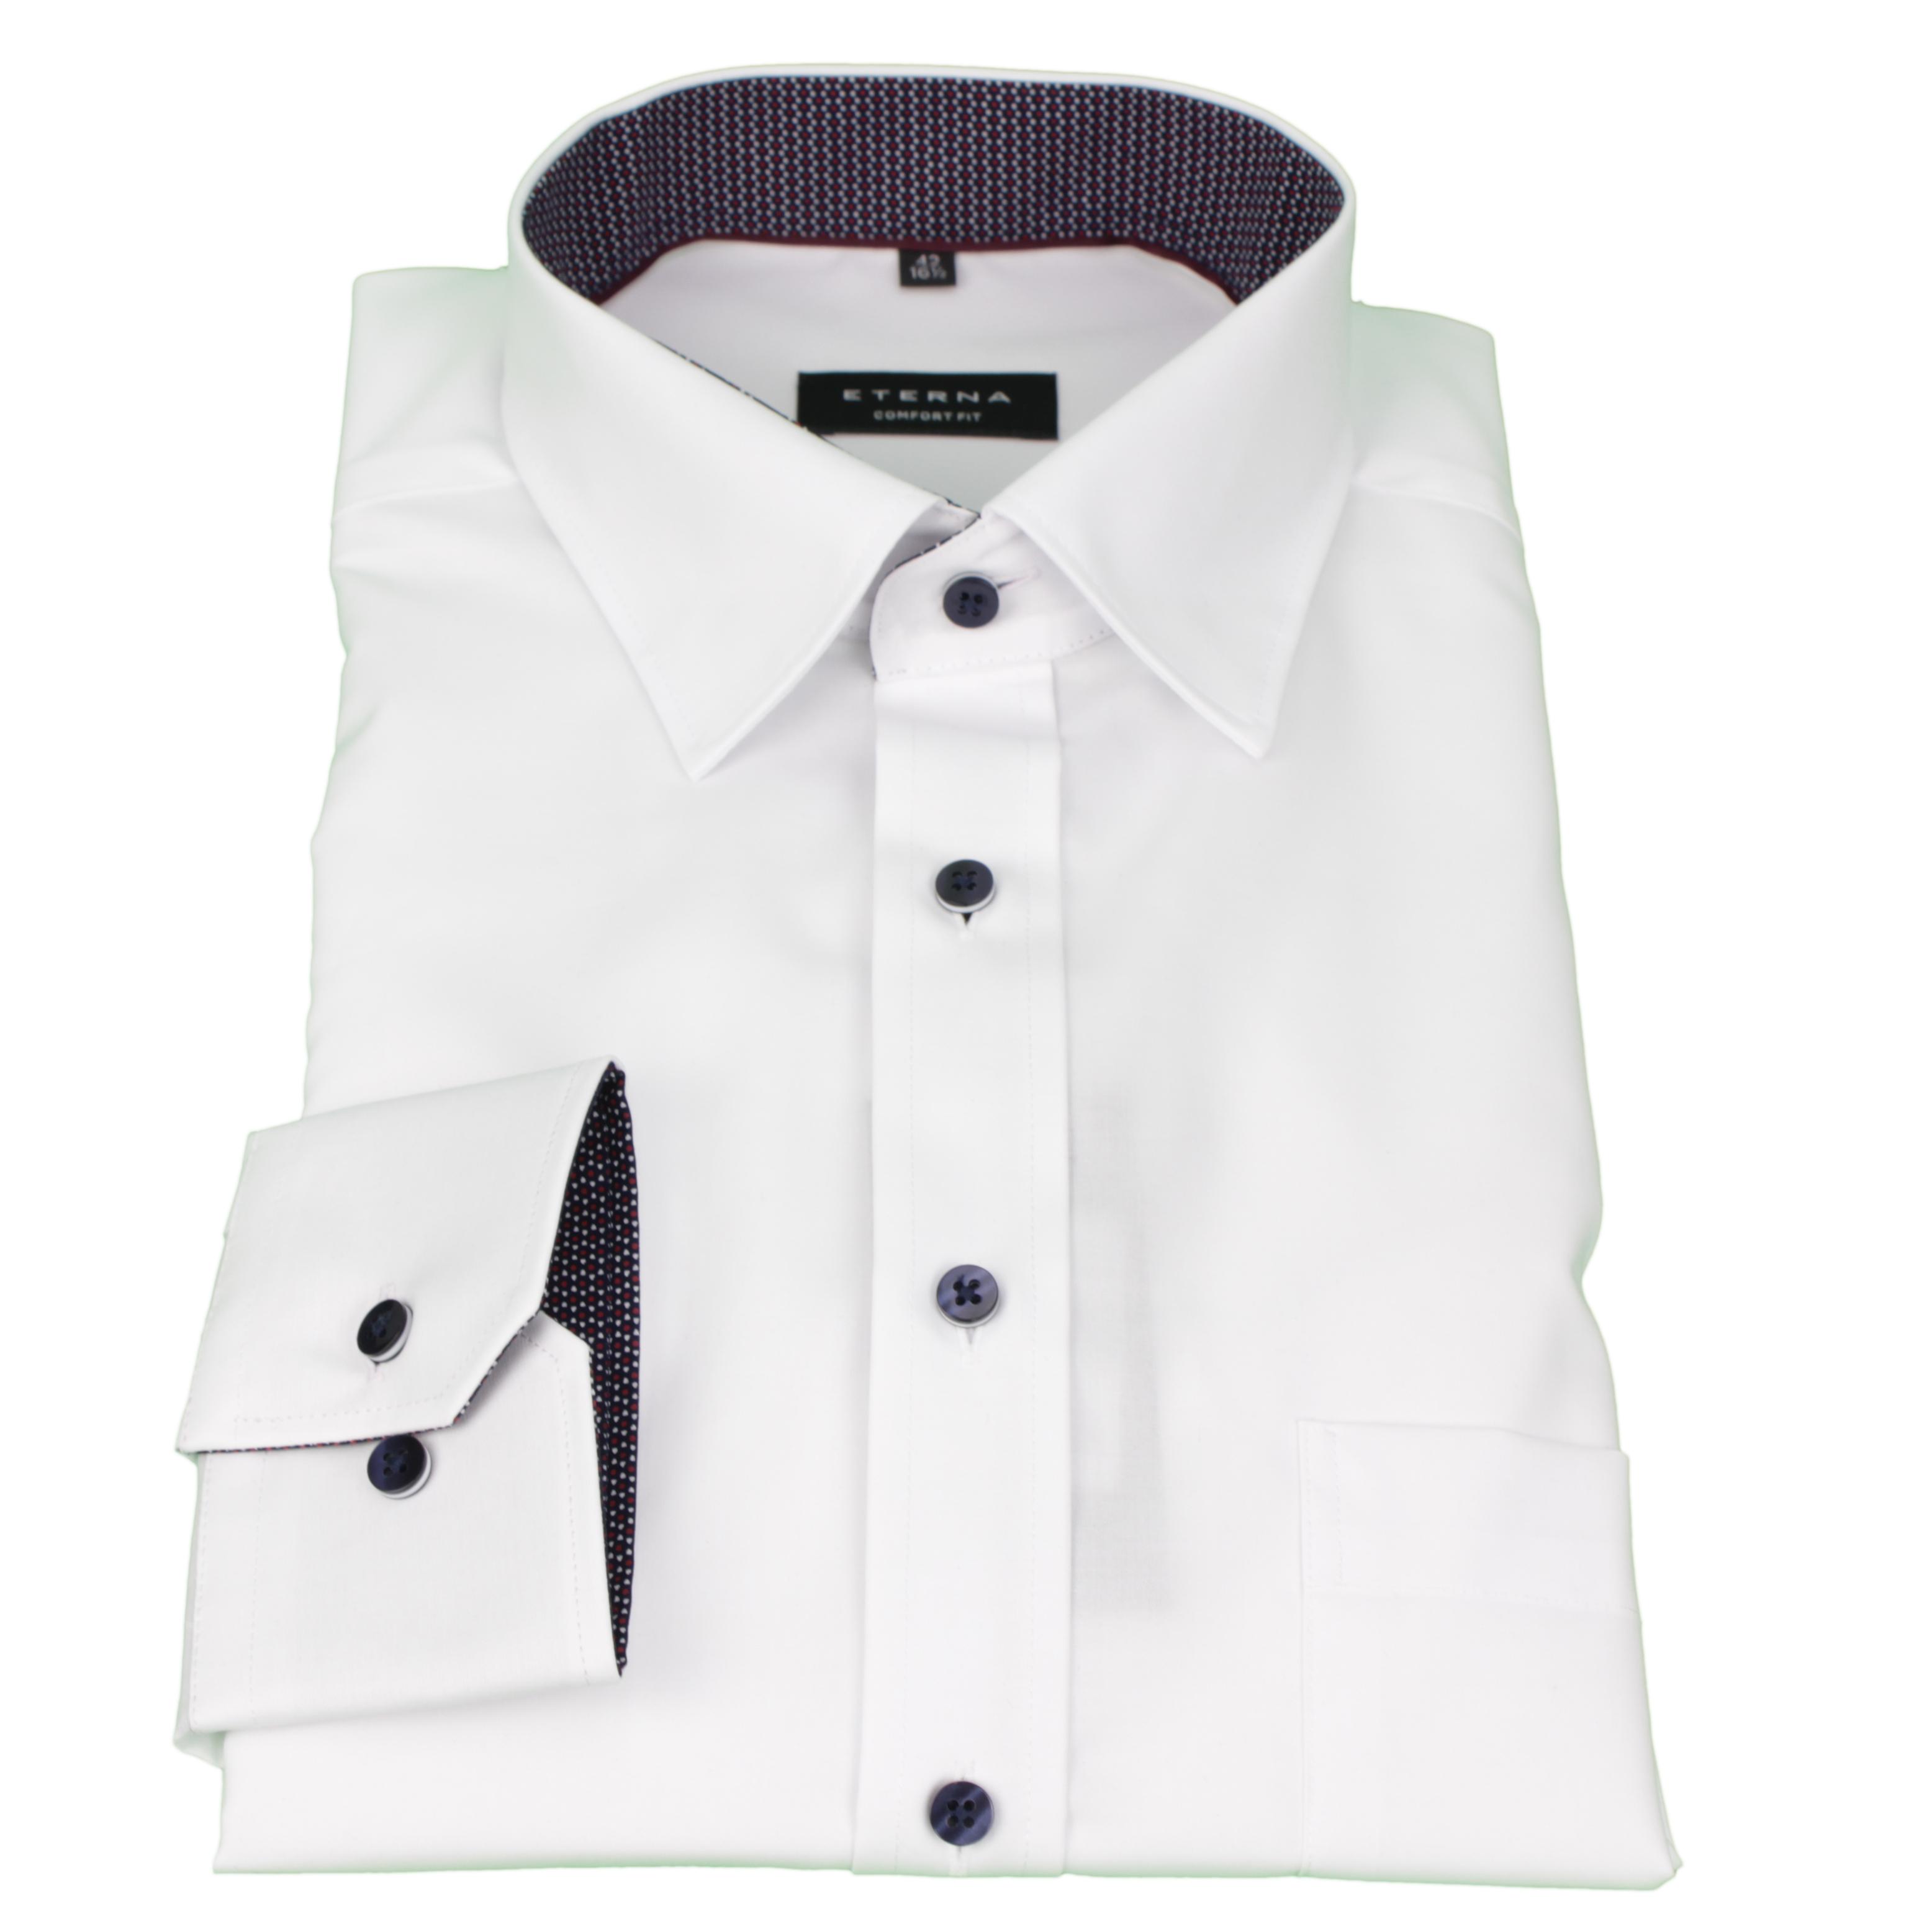 Eterna Herren Hemd Comfort Fit weiß Uni 8501 00 E14X